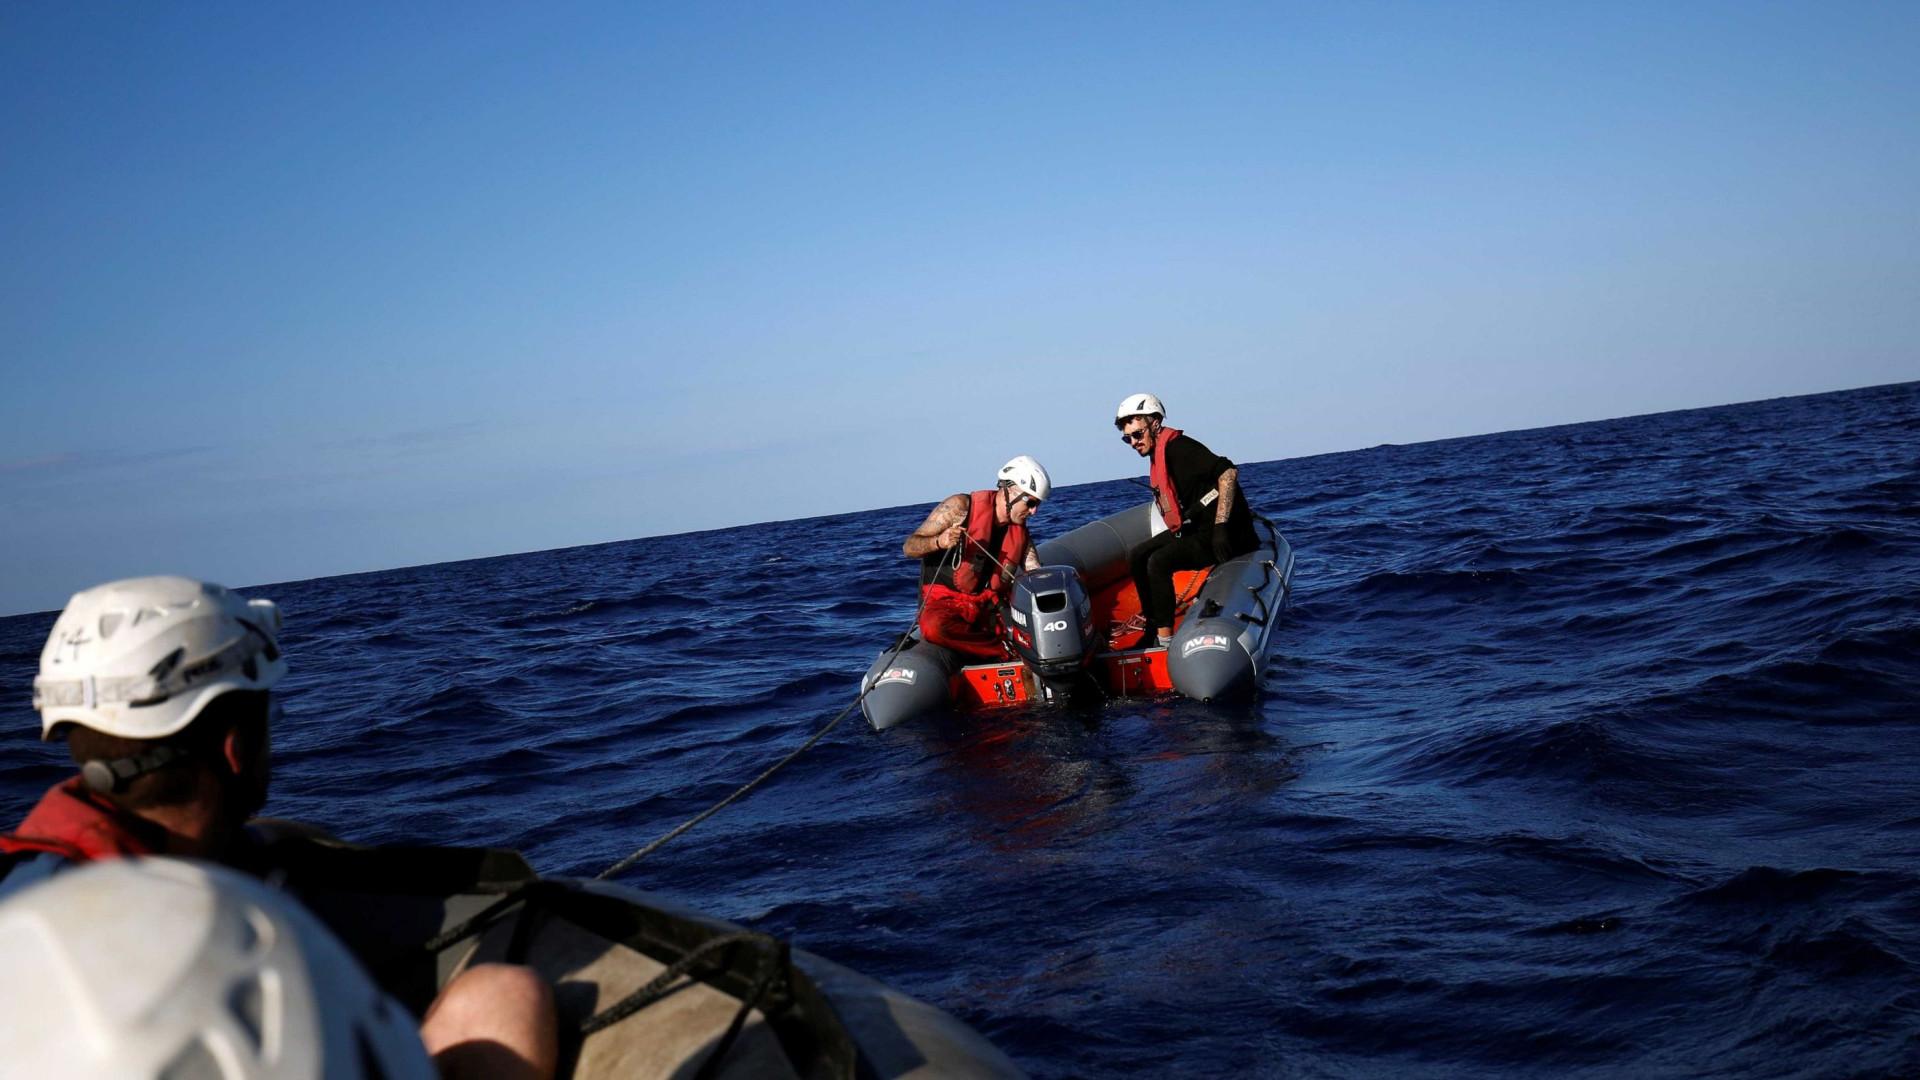 Pelo menos 1.400 migrantes resgatados pela Guarda Costeira italiana